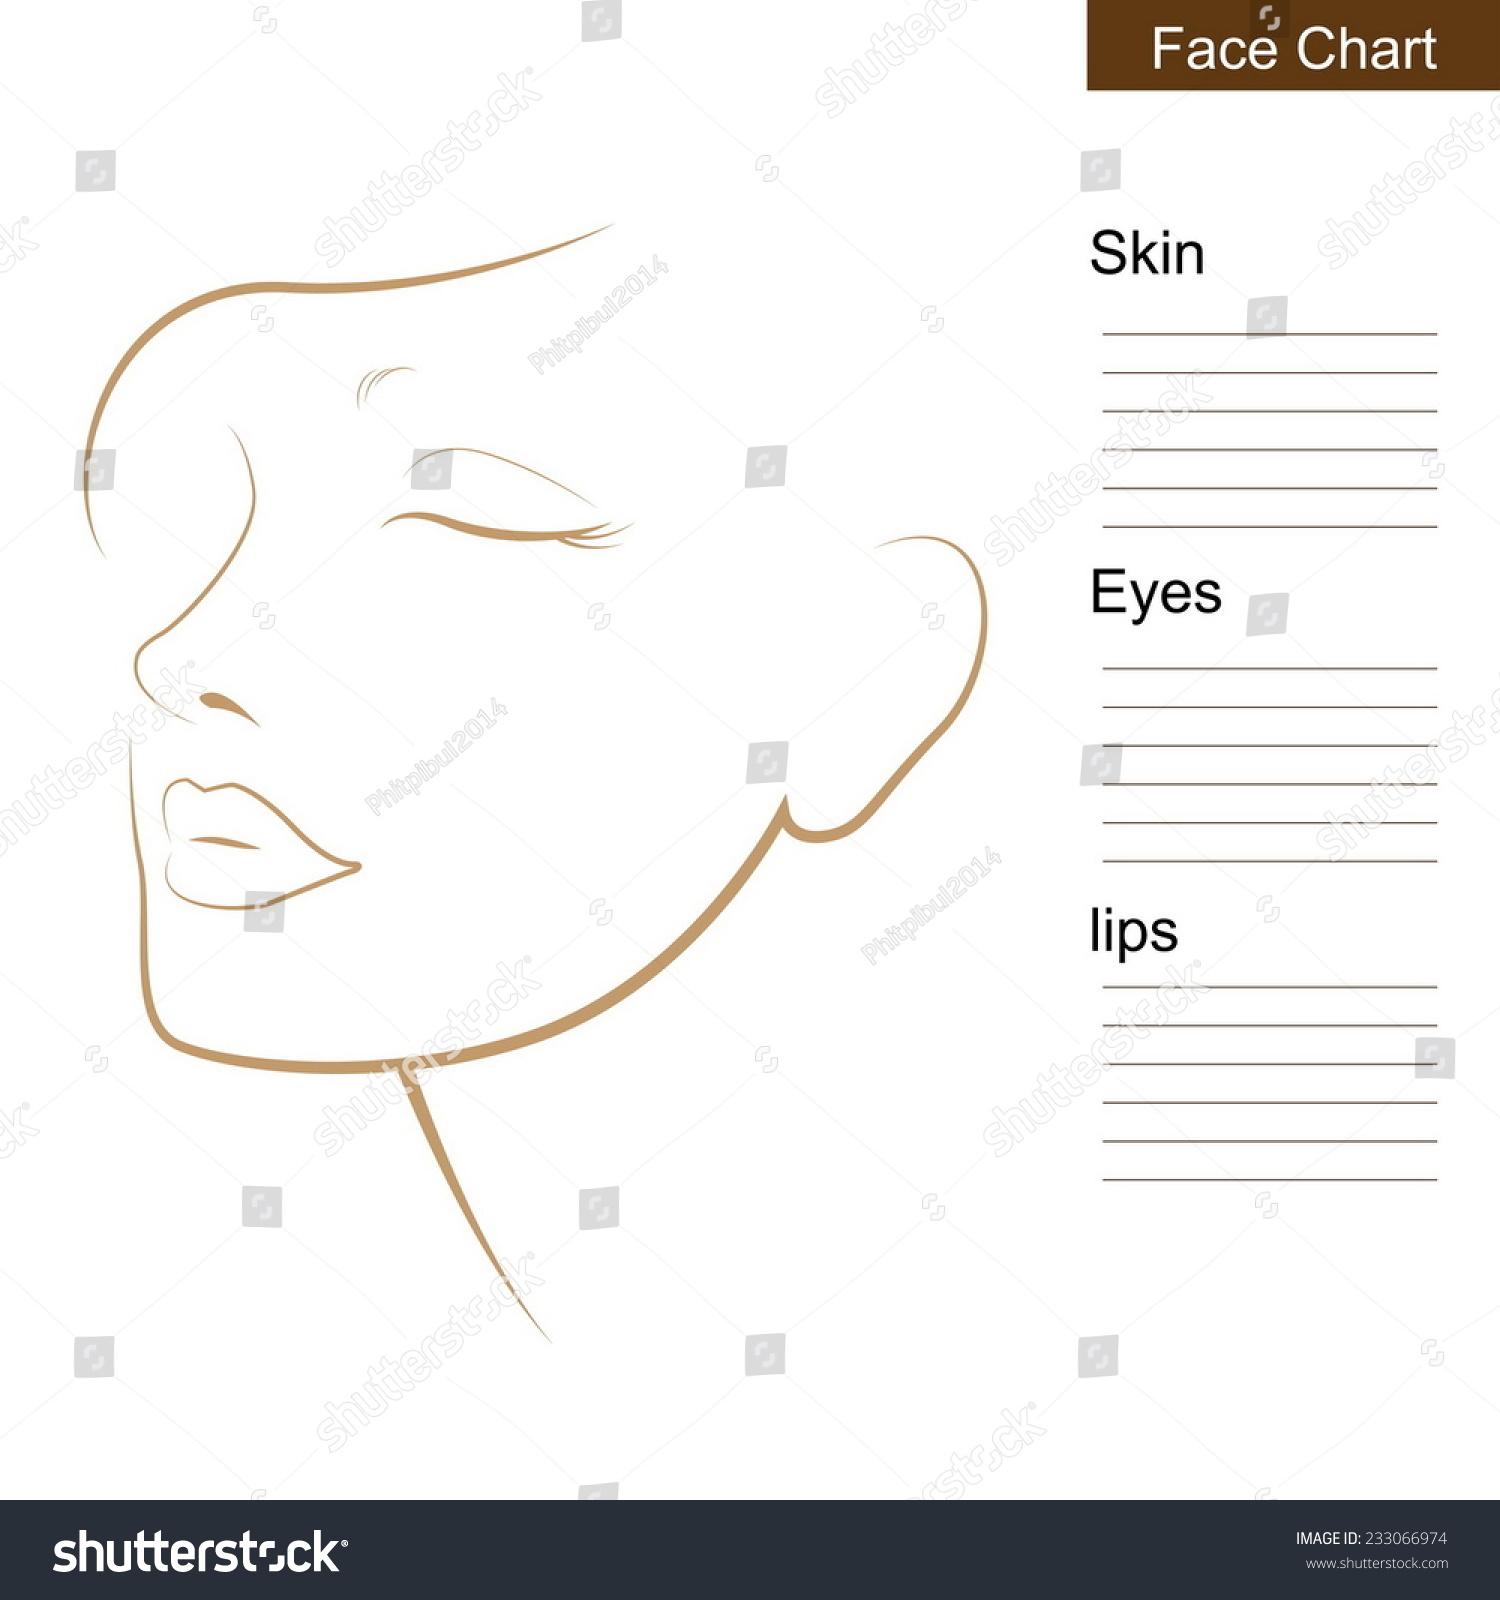 Swell Face Chart Makeup Artist Blank Stock Vektorgrafik Lizenzfrei Wiring Digital Resources Nekoutcompassionincorg